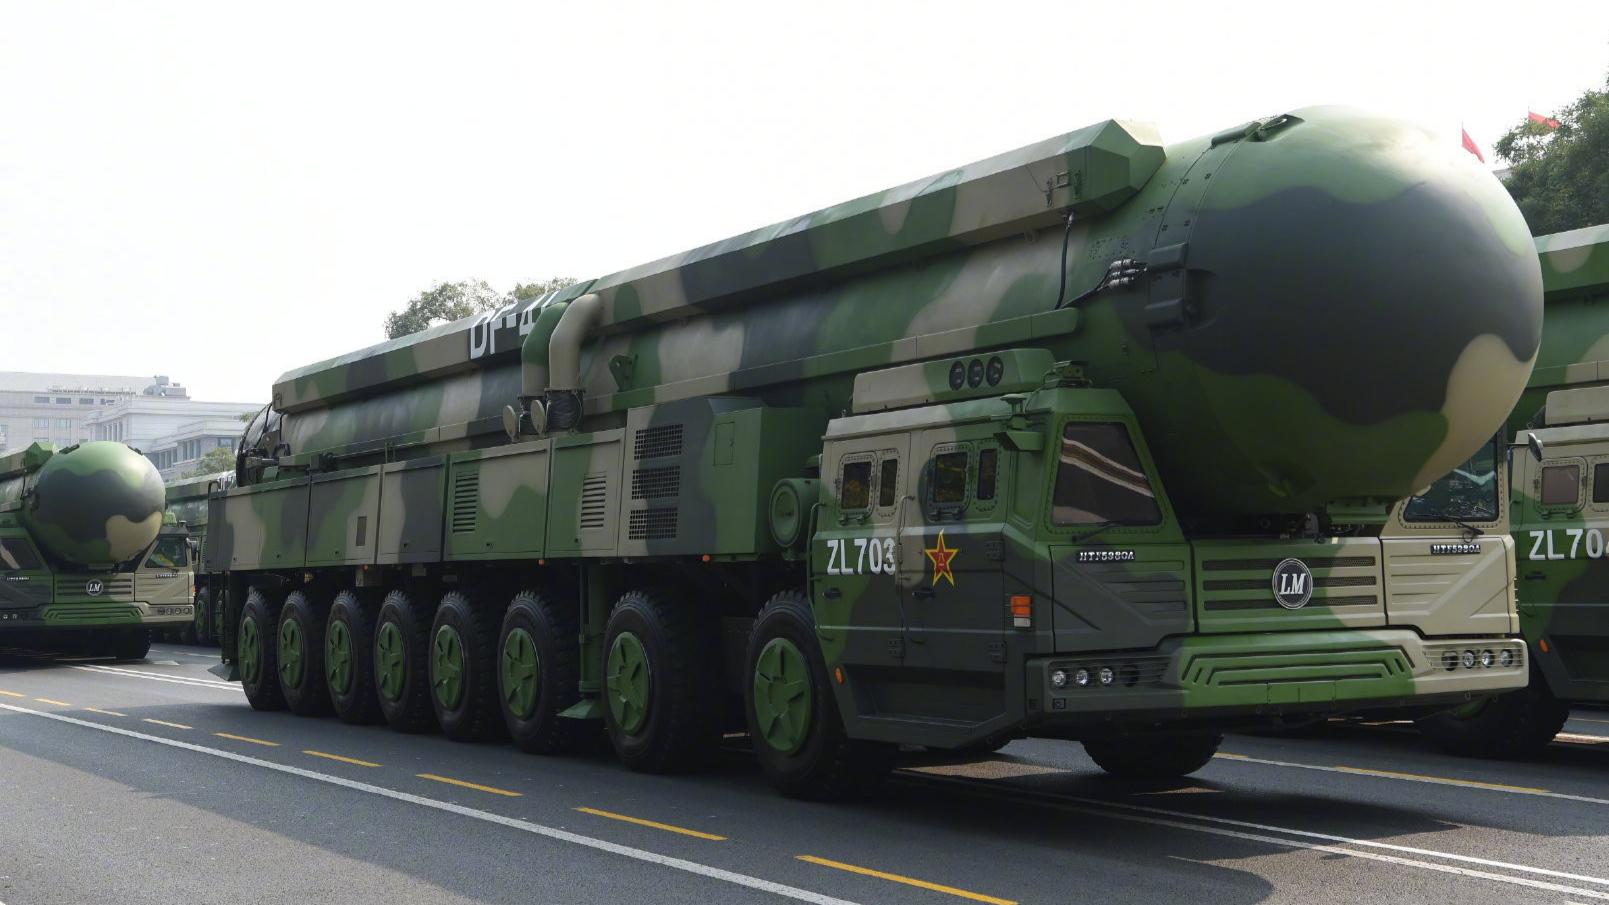 禁止核武器条约即将生效,联大众多国家签署,中美俄联手抵制!